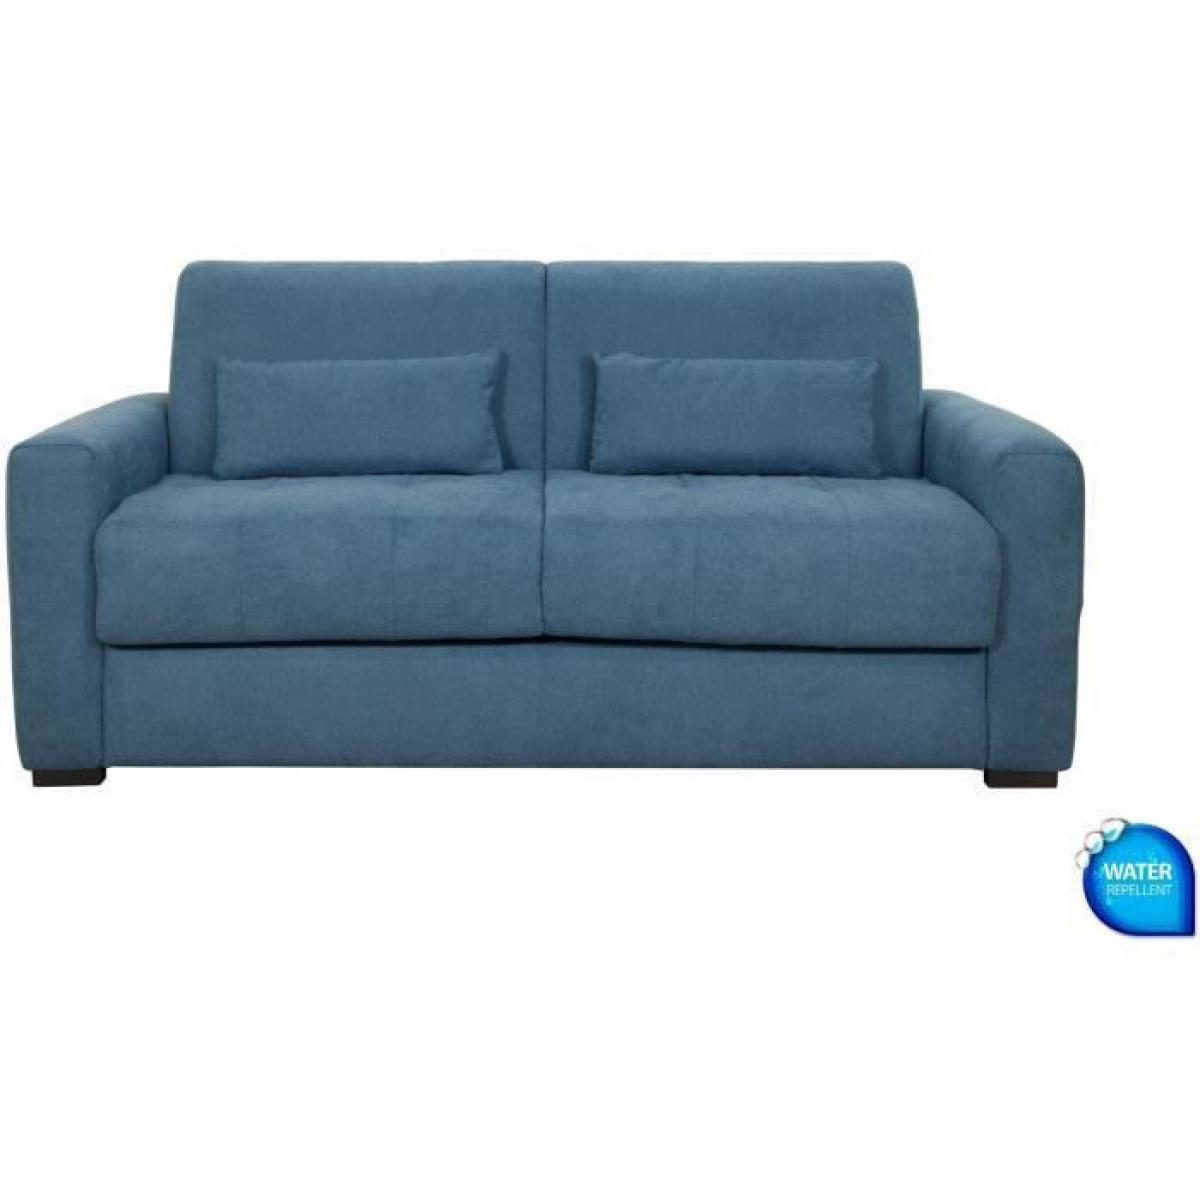 Sans Marque Canape 3 places convertible - Tissu Bleu - L204 x P102 x H95 cm - EUREKA